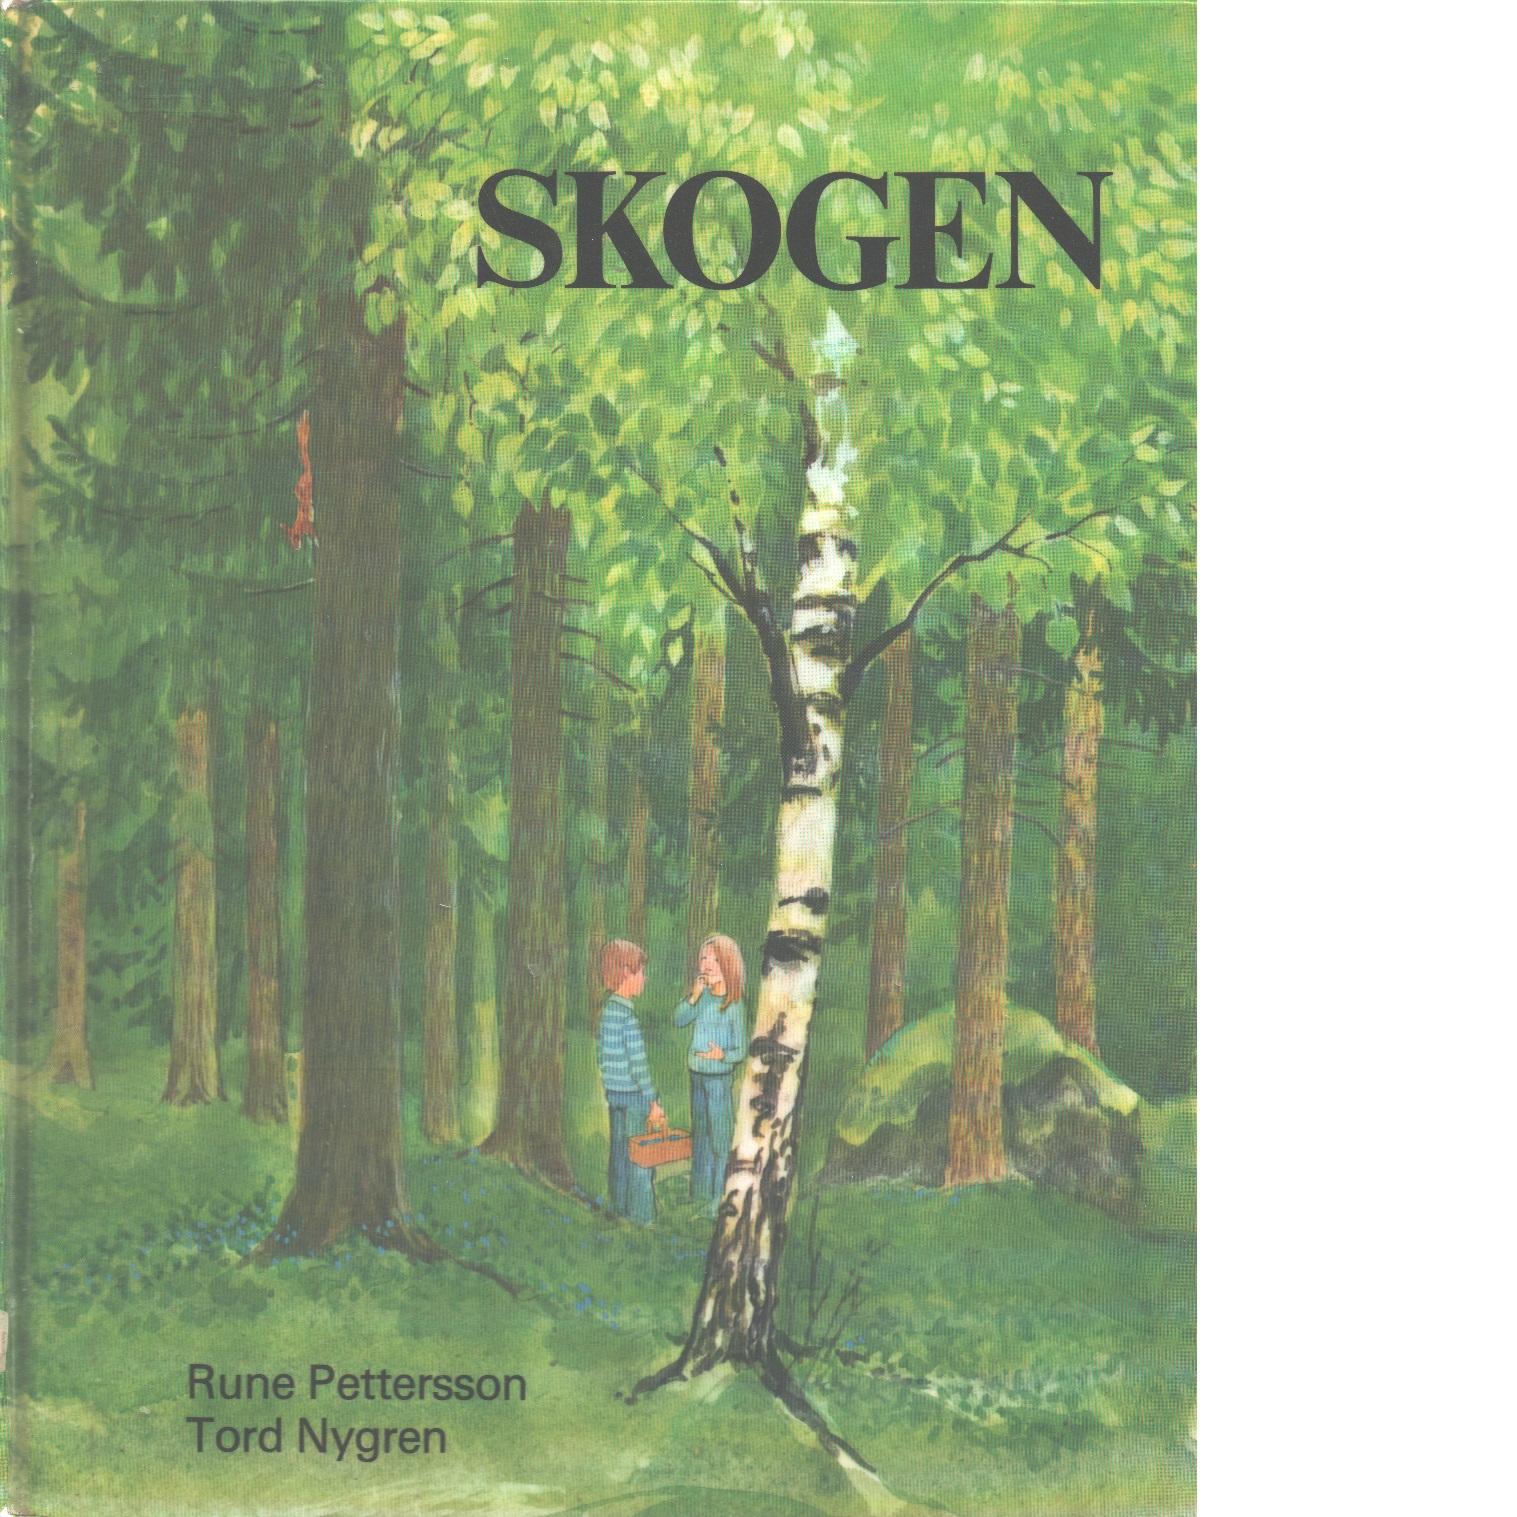 Skogen - Pettersson, Rune och Nygren, Tord